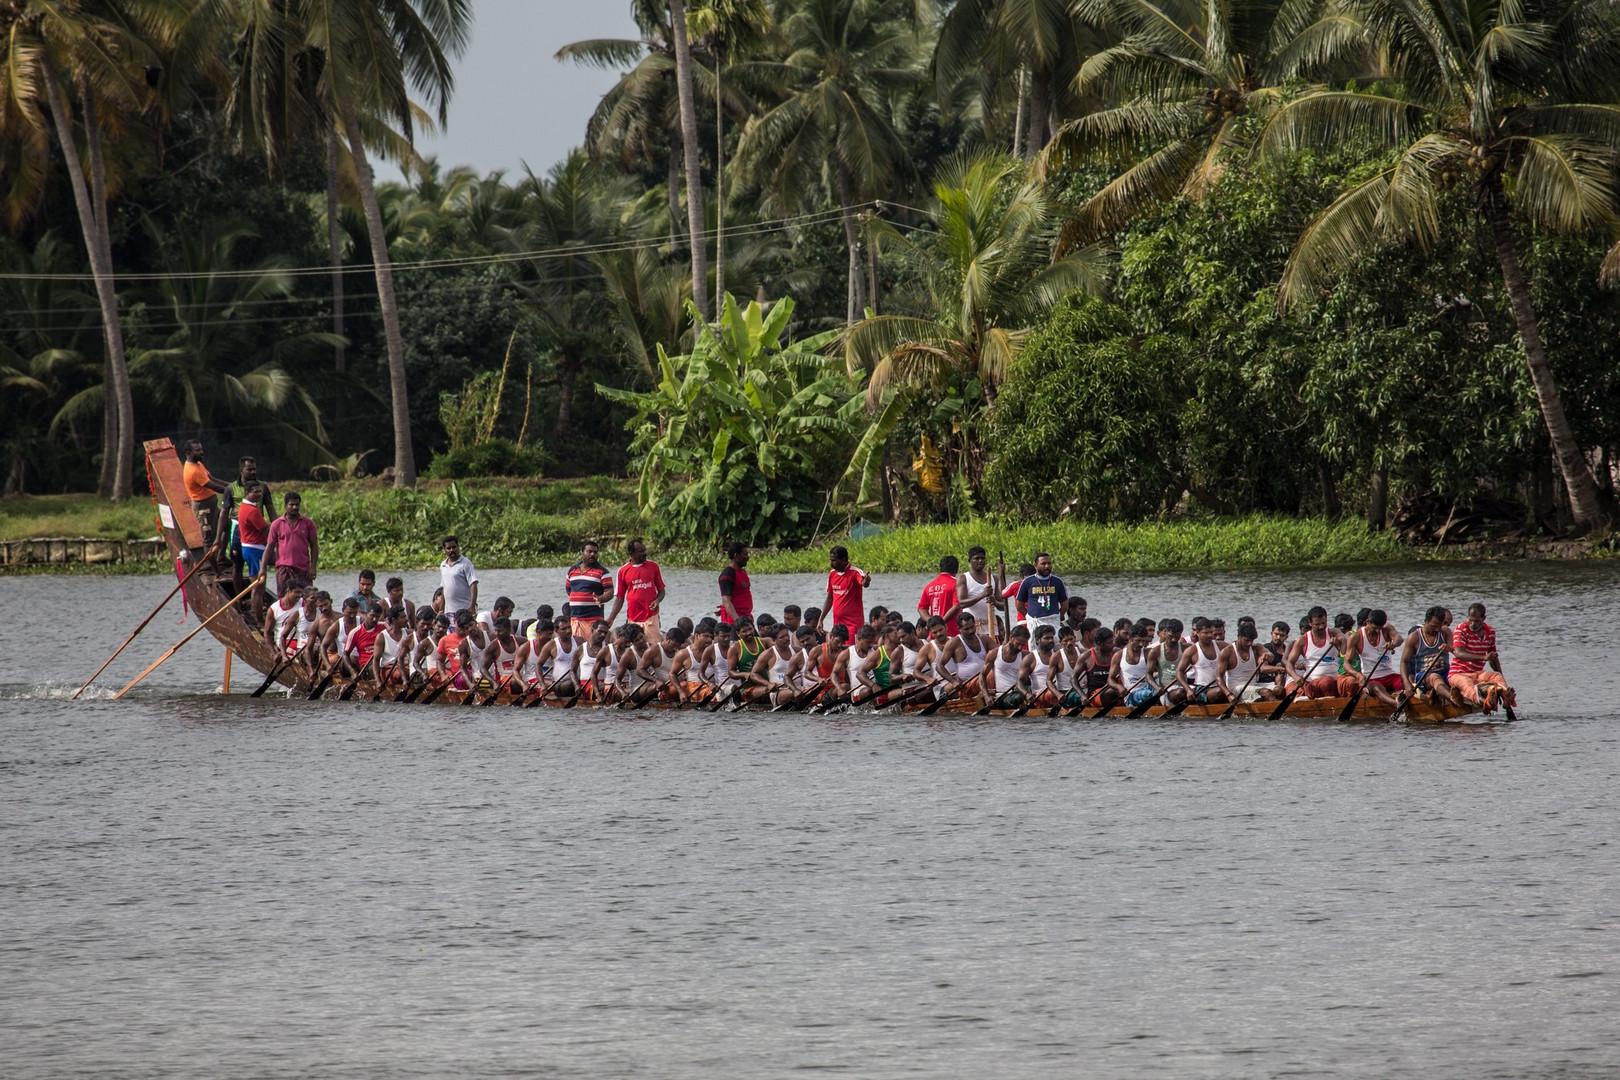 Bateau-serpent s'entrainant pour la course traditionnelle du Nehru Trophee